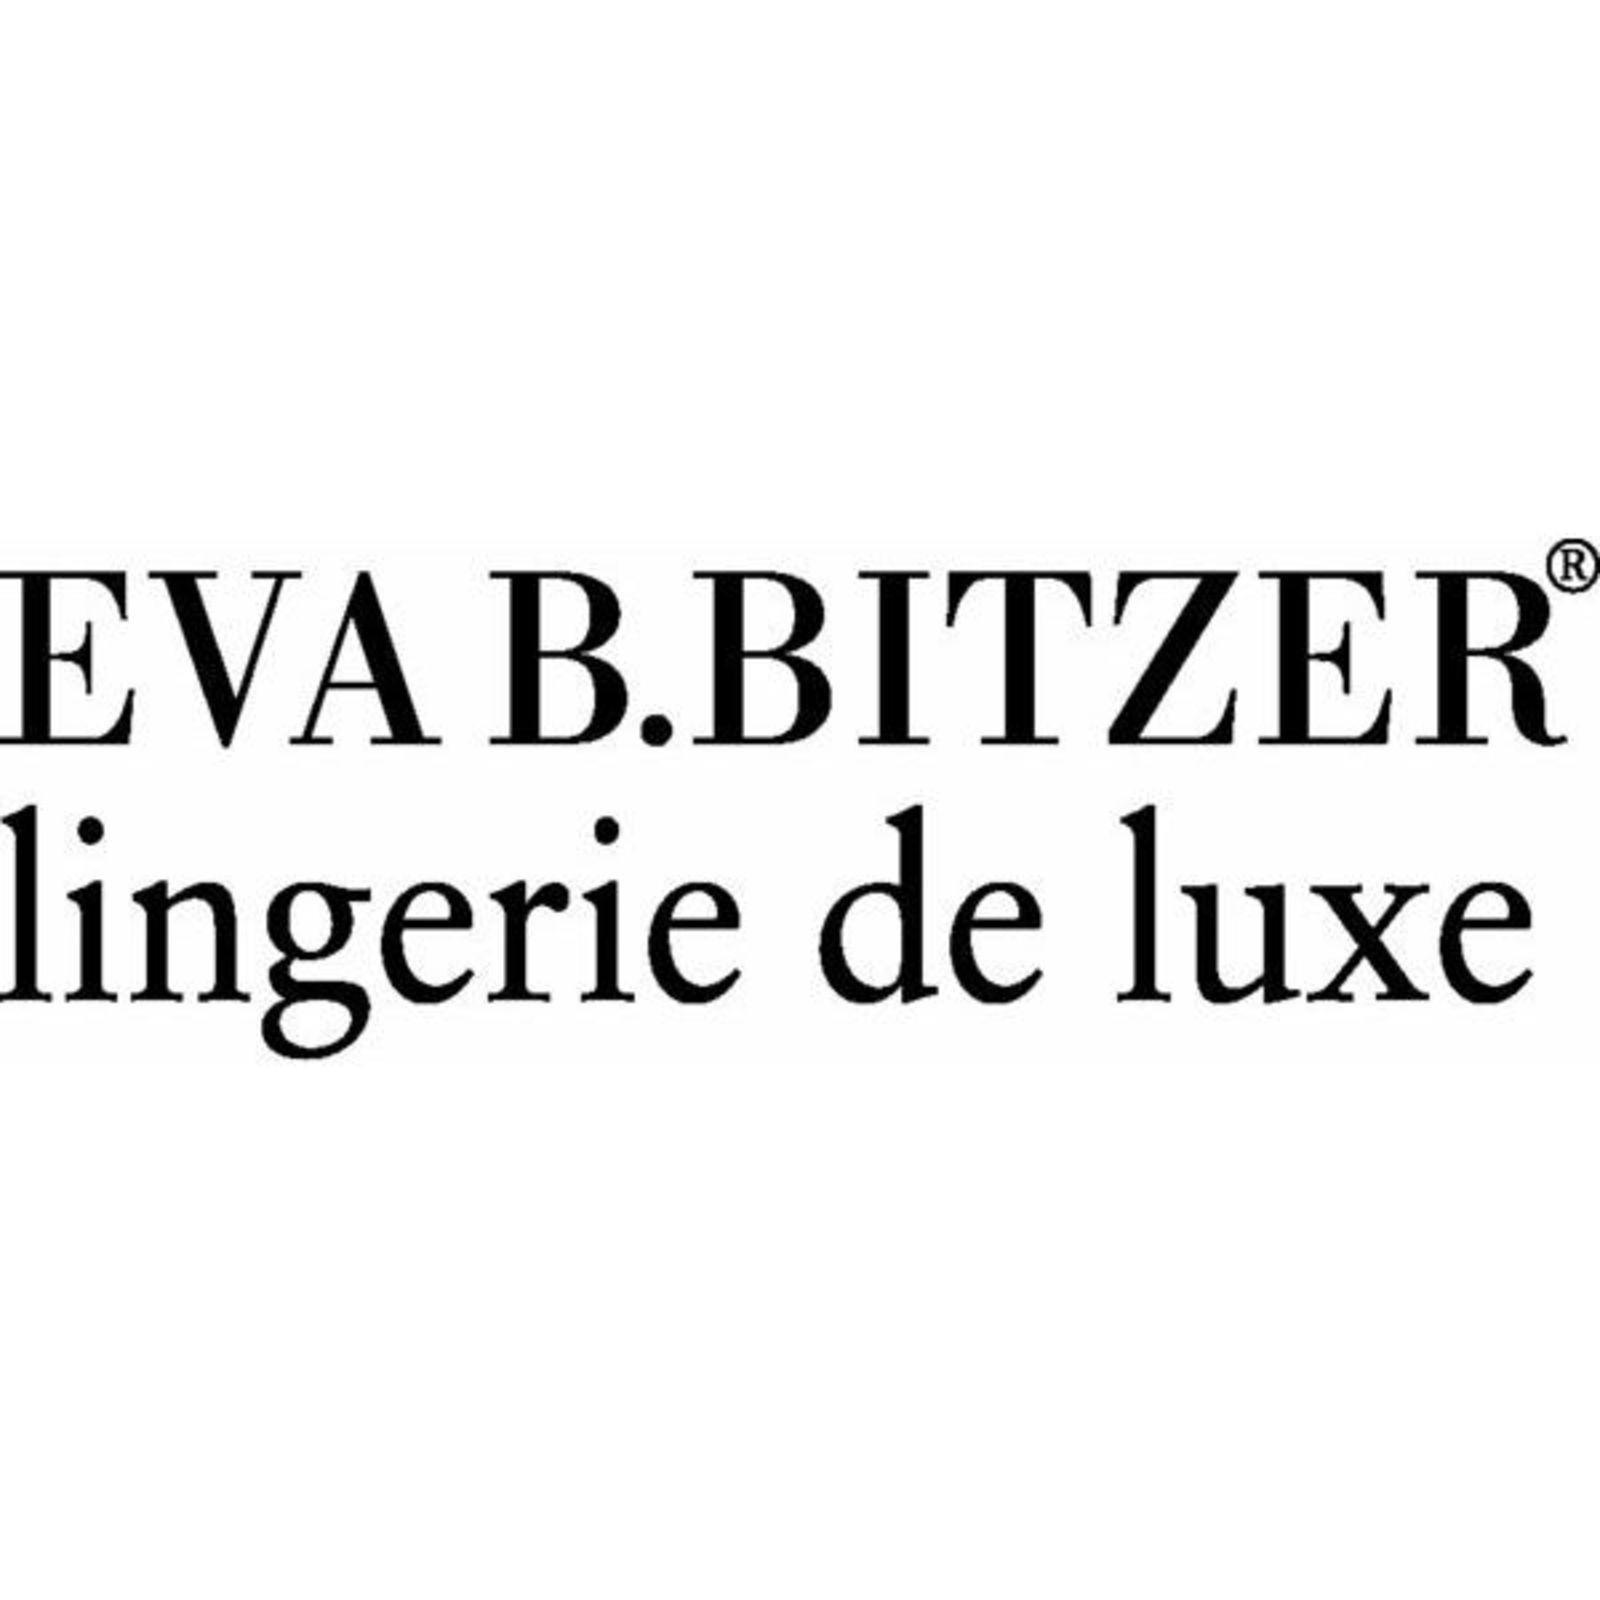 EVA B.BITZER